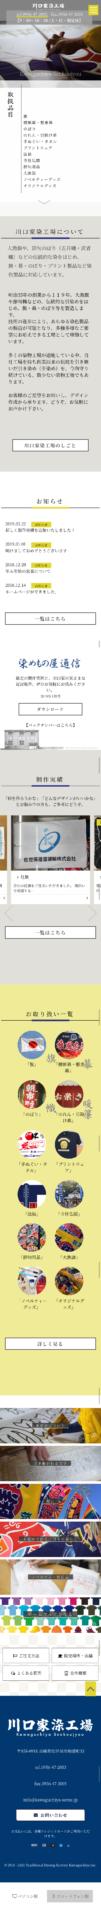 製造小売サイト制作 スマートフォンイメージ